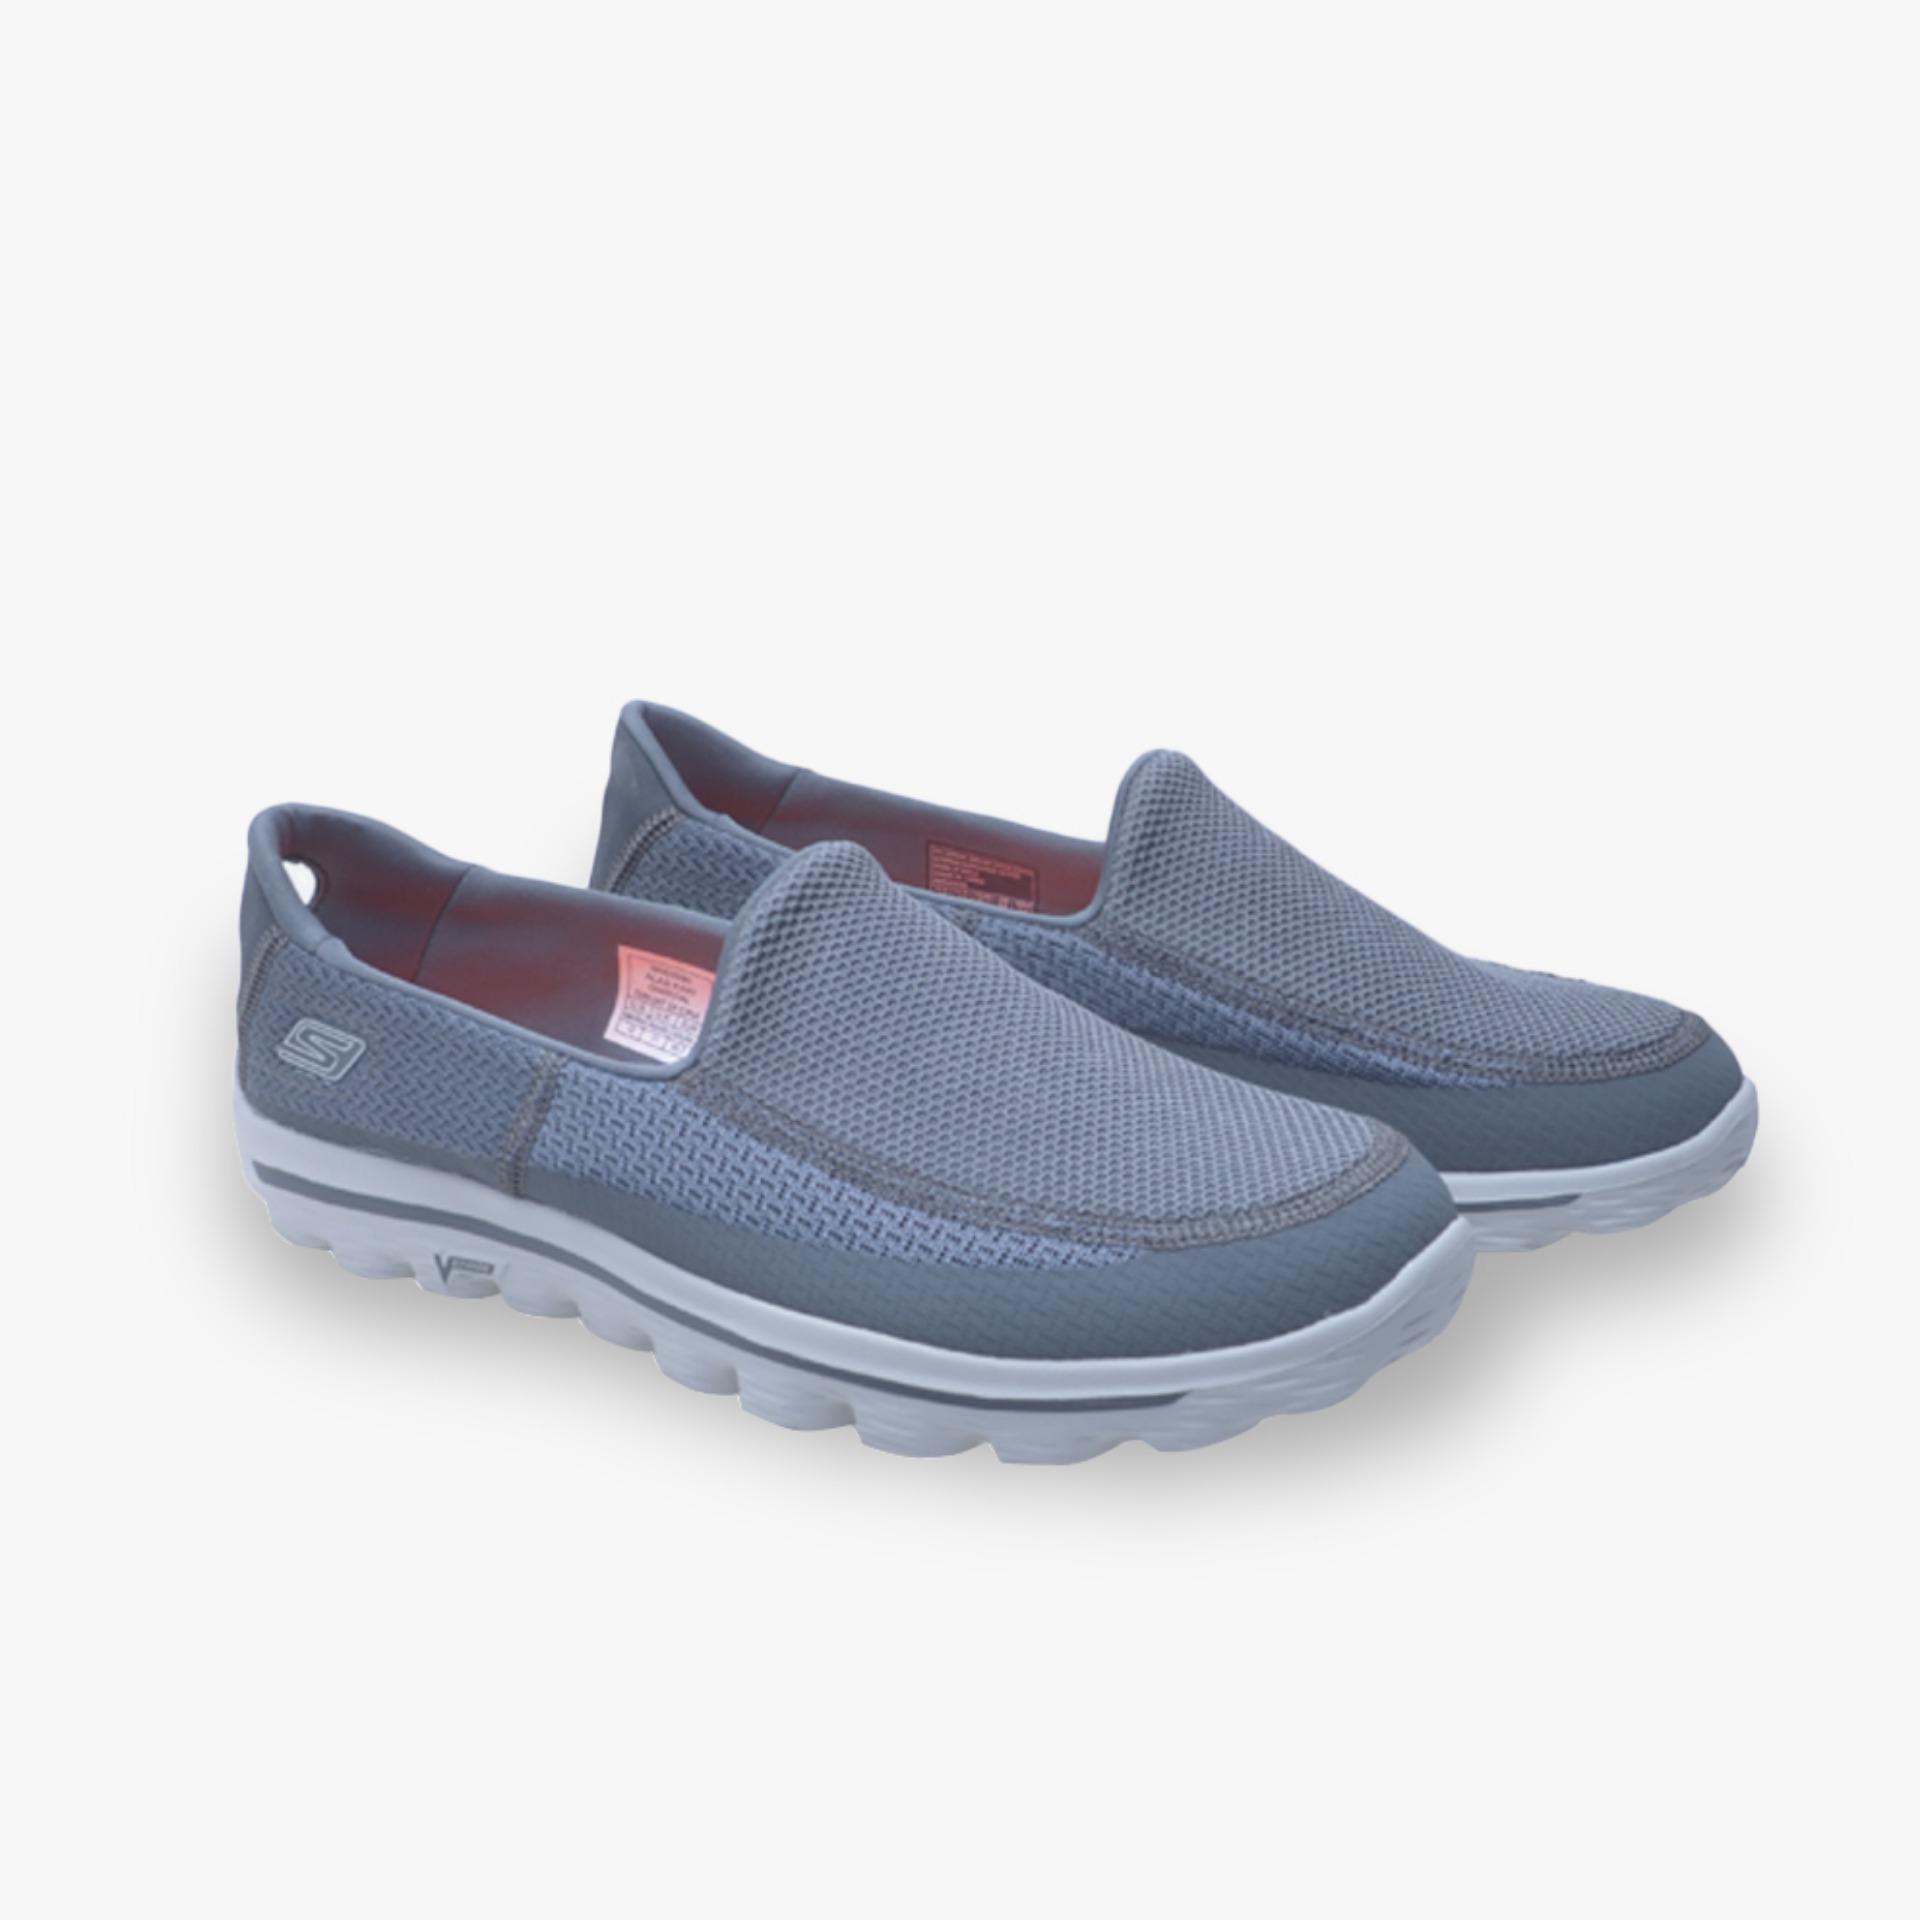 Harga Saya Skechers GOwalk 2 Men s Sneakers - Abu-abu Pelacakan Harga 6d546013f3